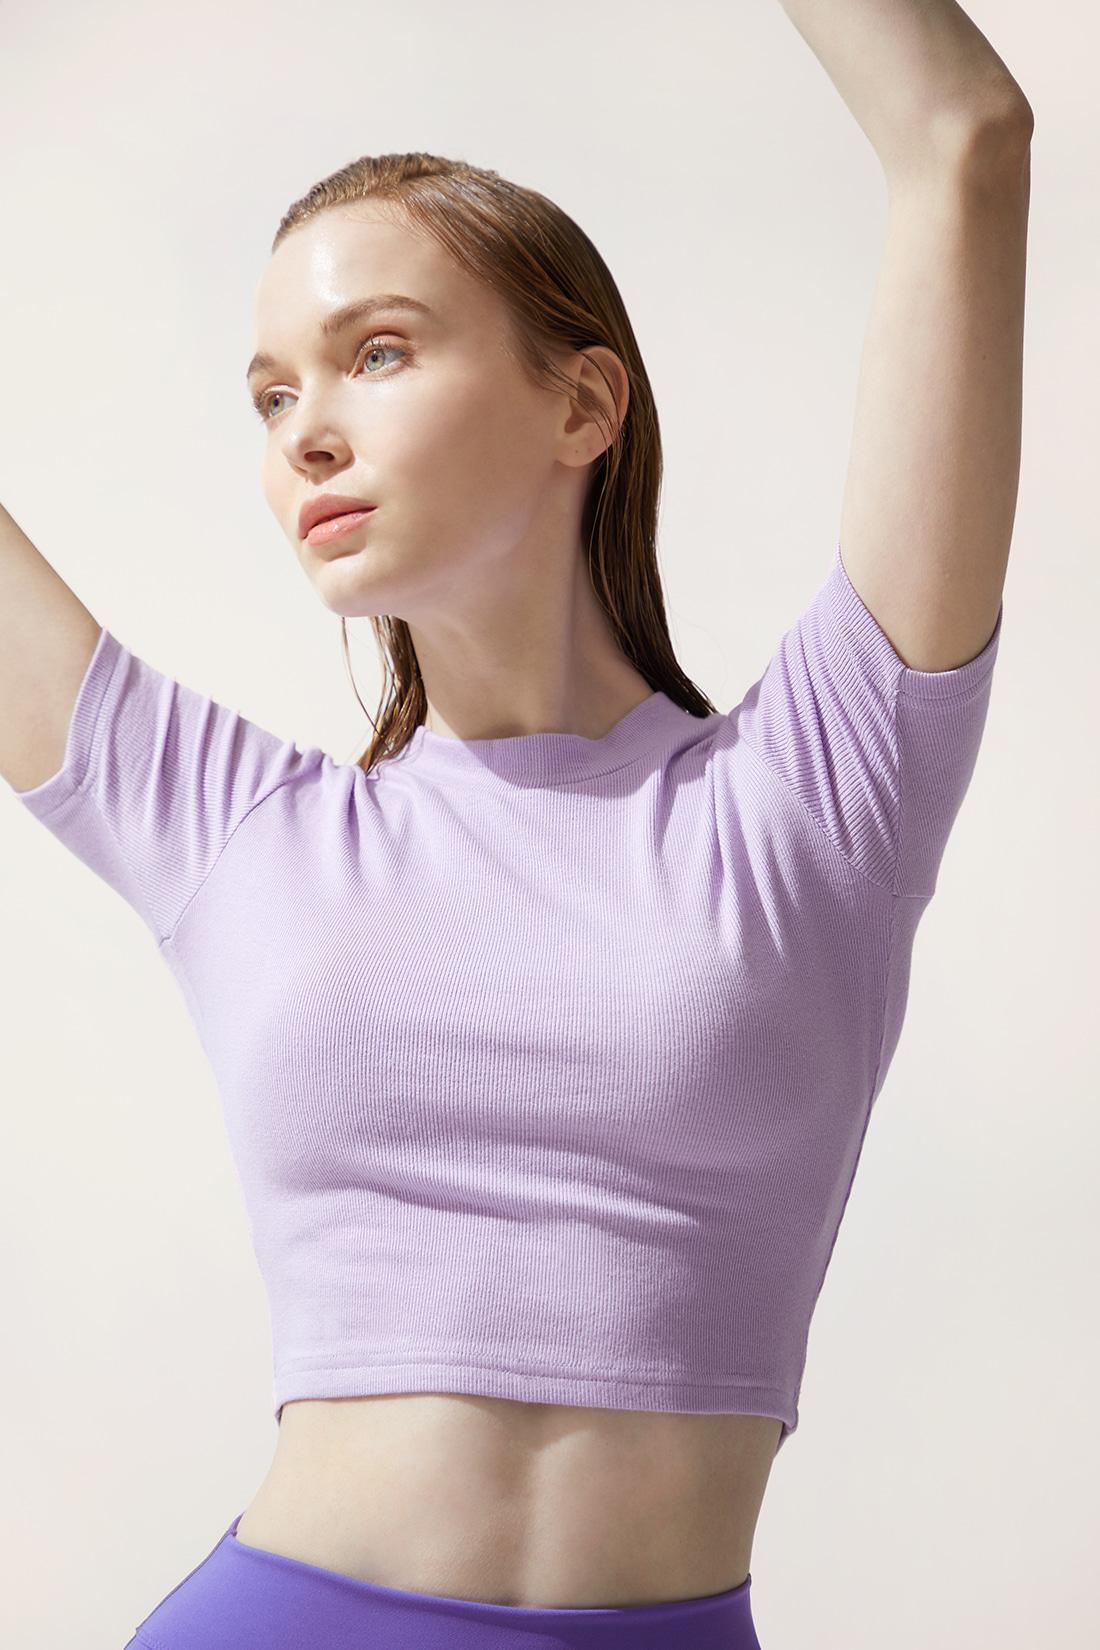 조이 3부 크롭 티셔츠 라이트퍼플 Light purple